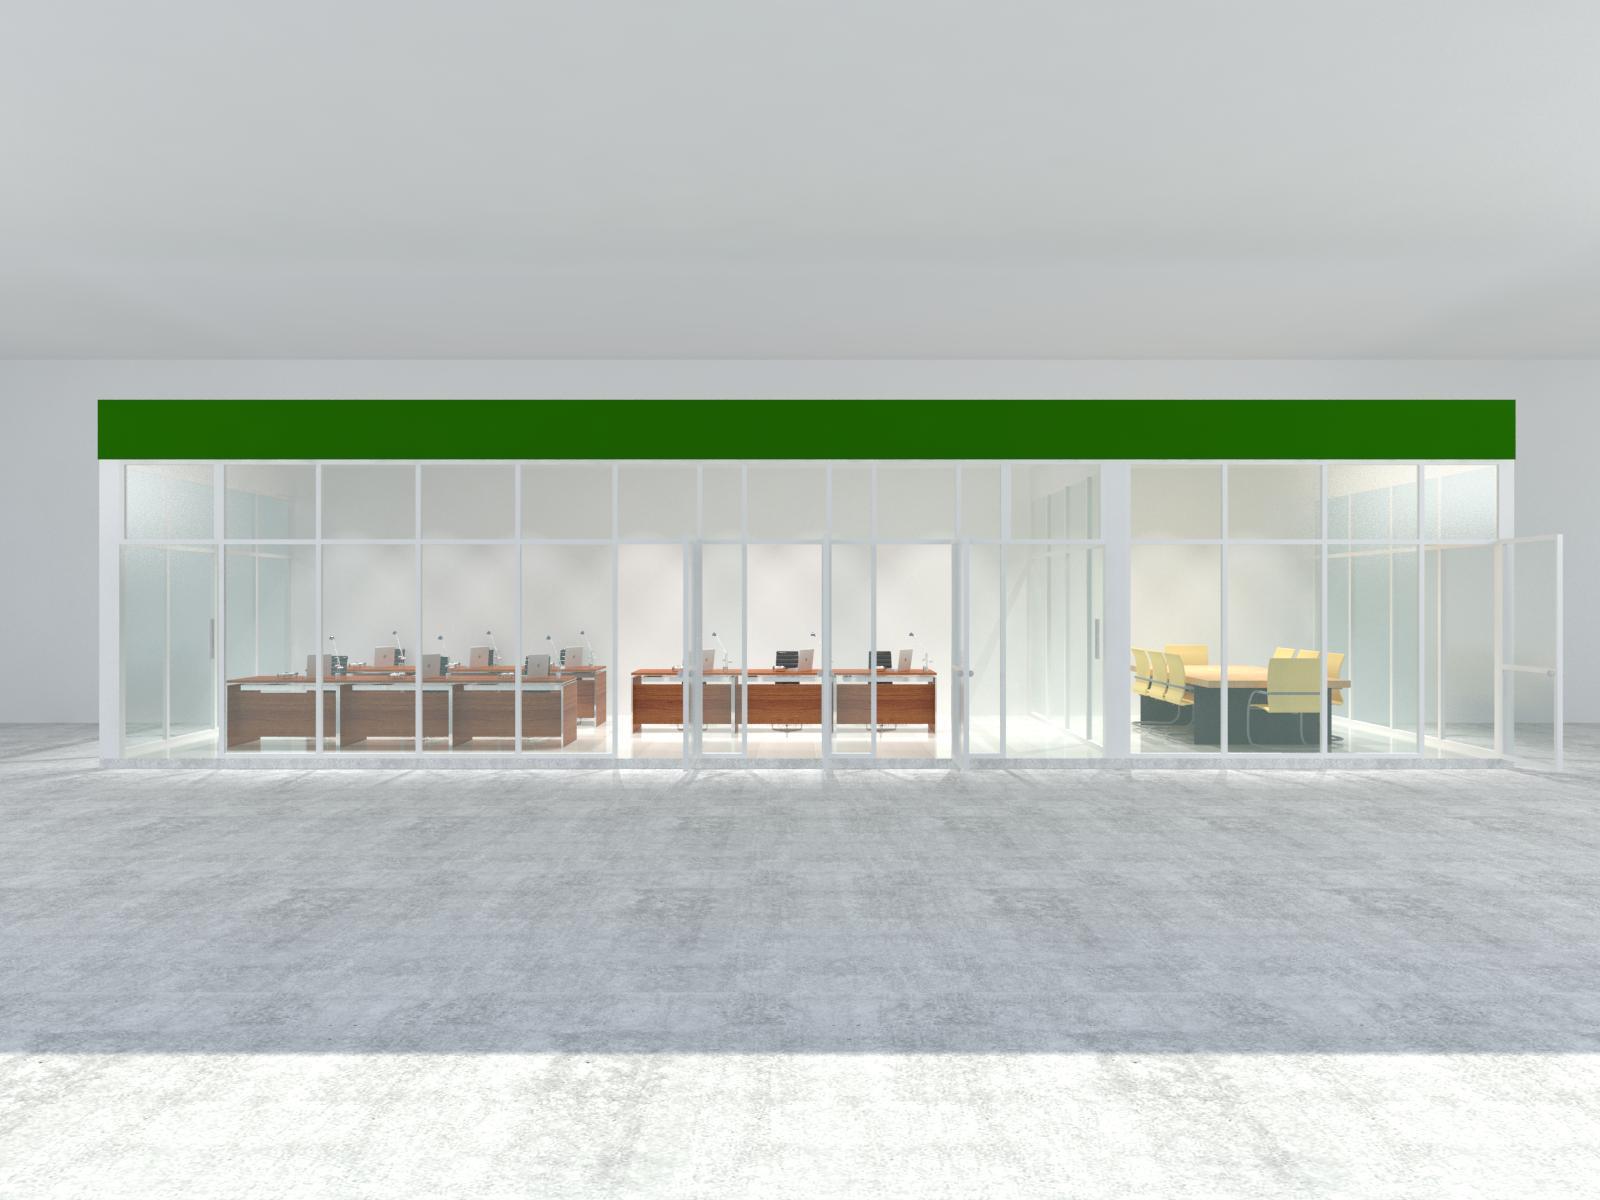 Thi công cửa hàng dịch vụ, cải tạo showroom